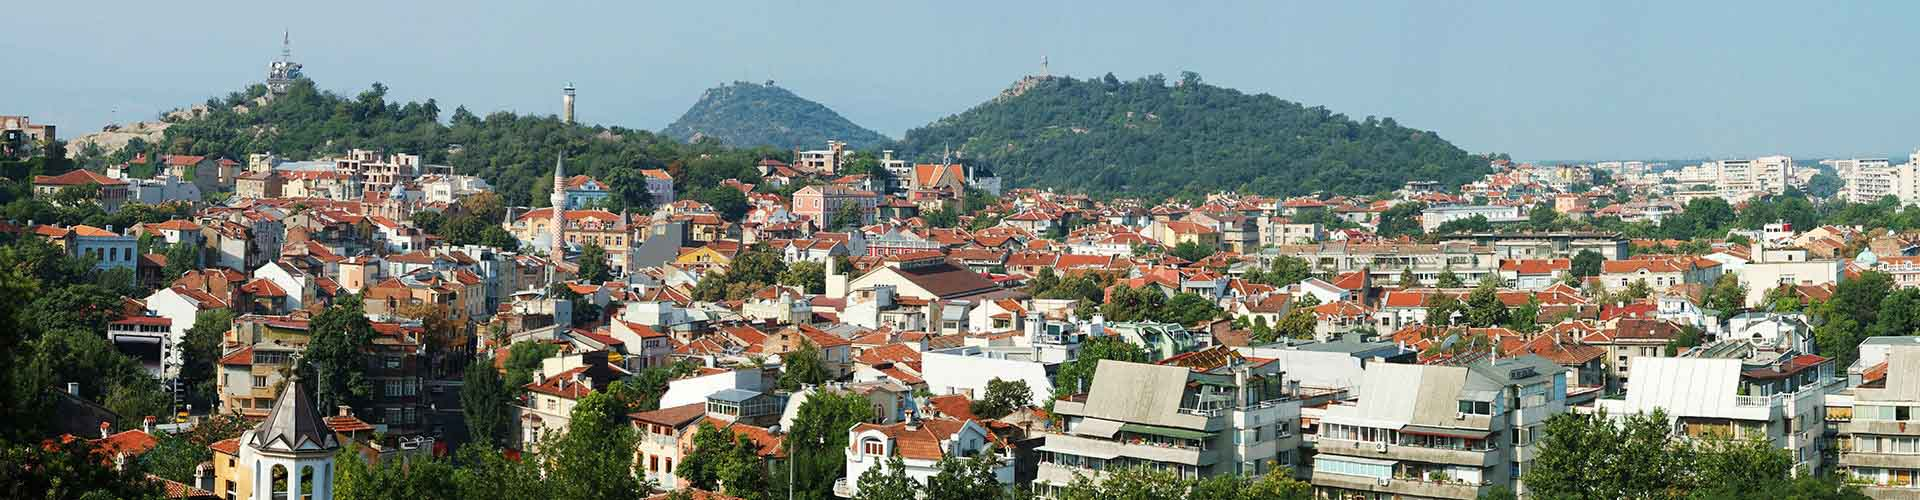 Plovdiv – Retkeily kaupungiosassa Rayon Keskusta. Plovdiv -karttoja, valokuvia ja arvosteluja kaikista Plovdiv -retkeilyalueista.